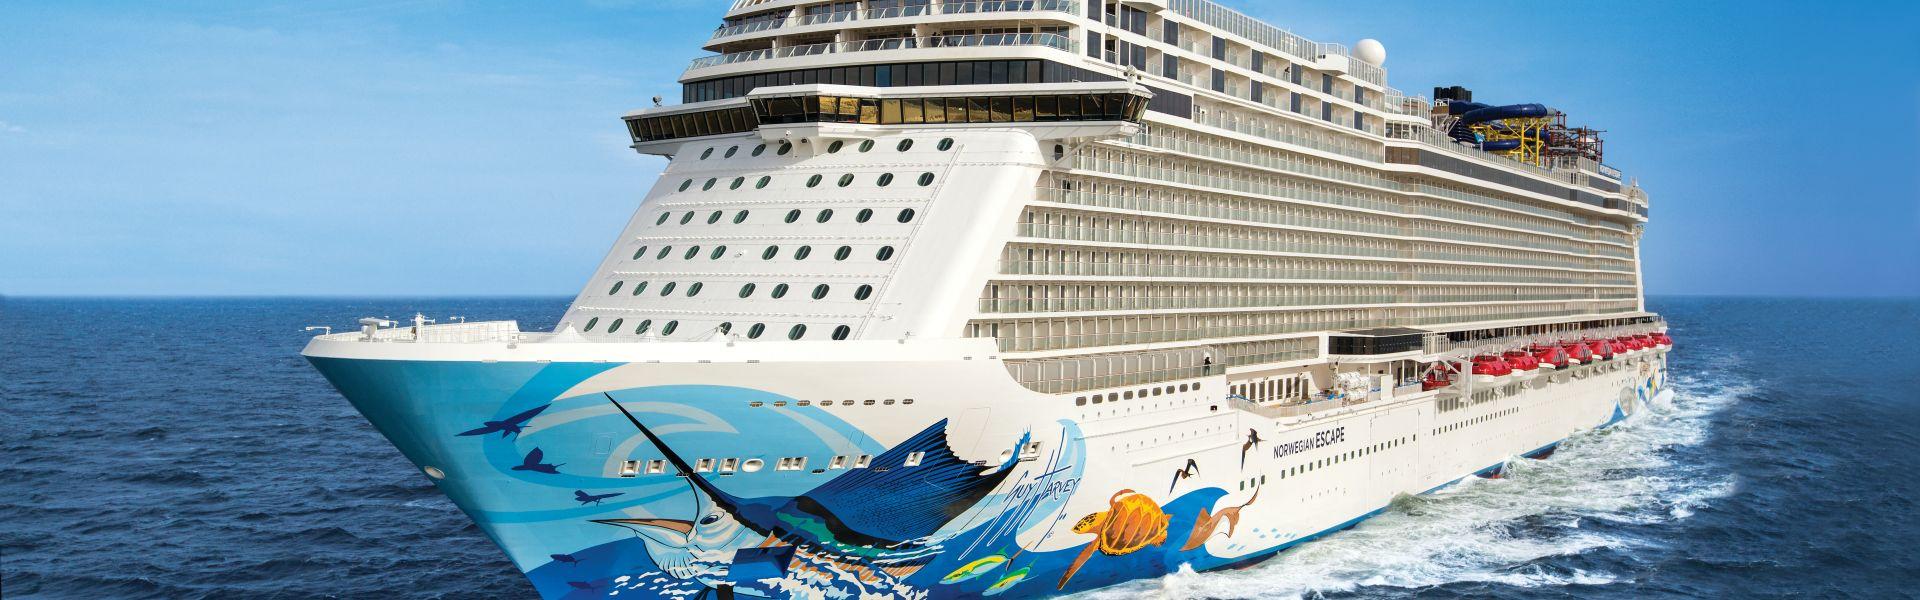 Croaziera 2017 - Caraibele de Est (Miami) - Norwegian Cruise Line - Norwegian Escape - 7 nopti